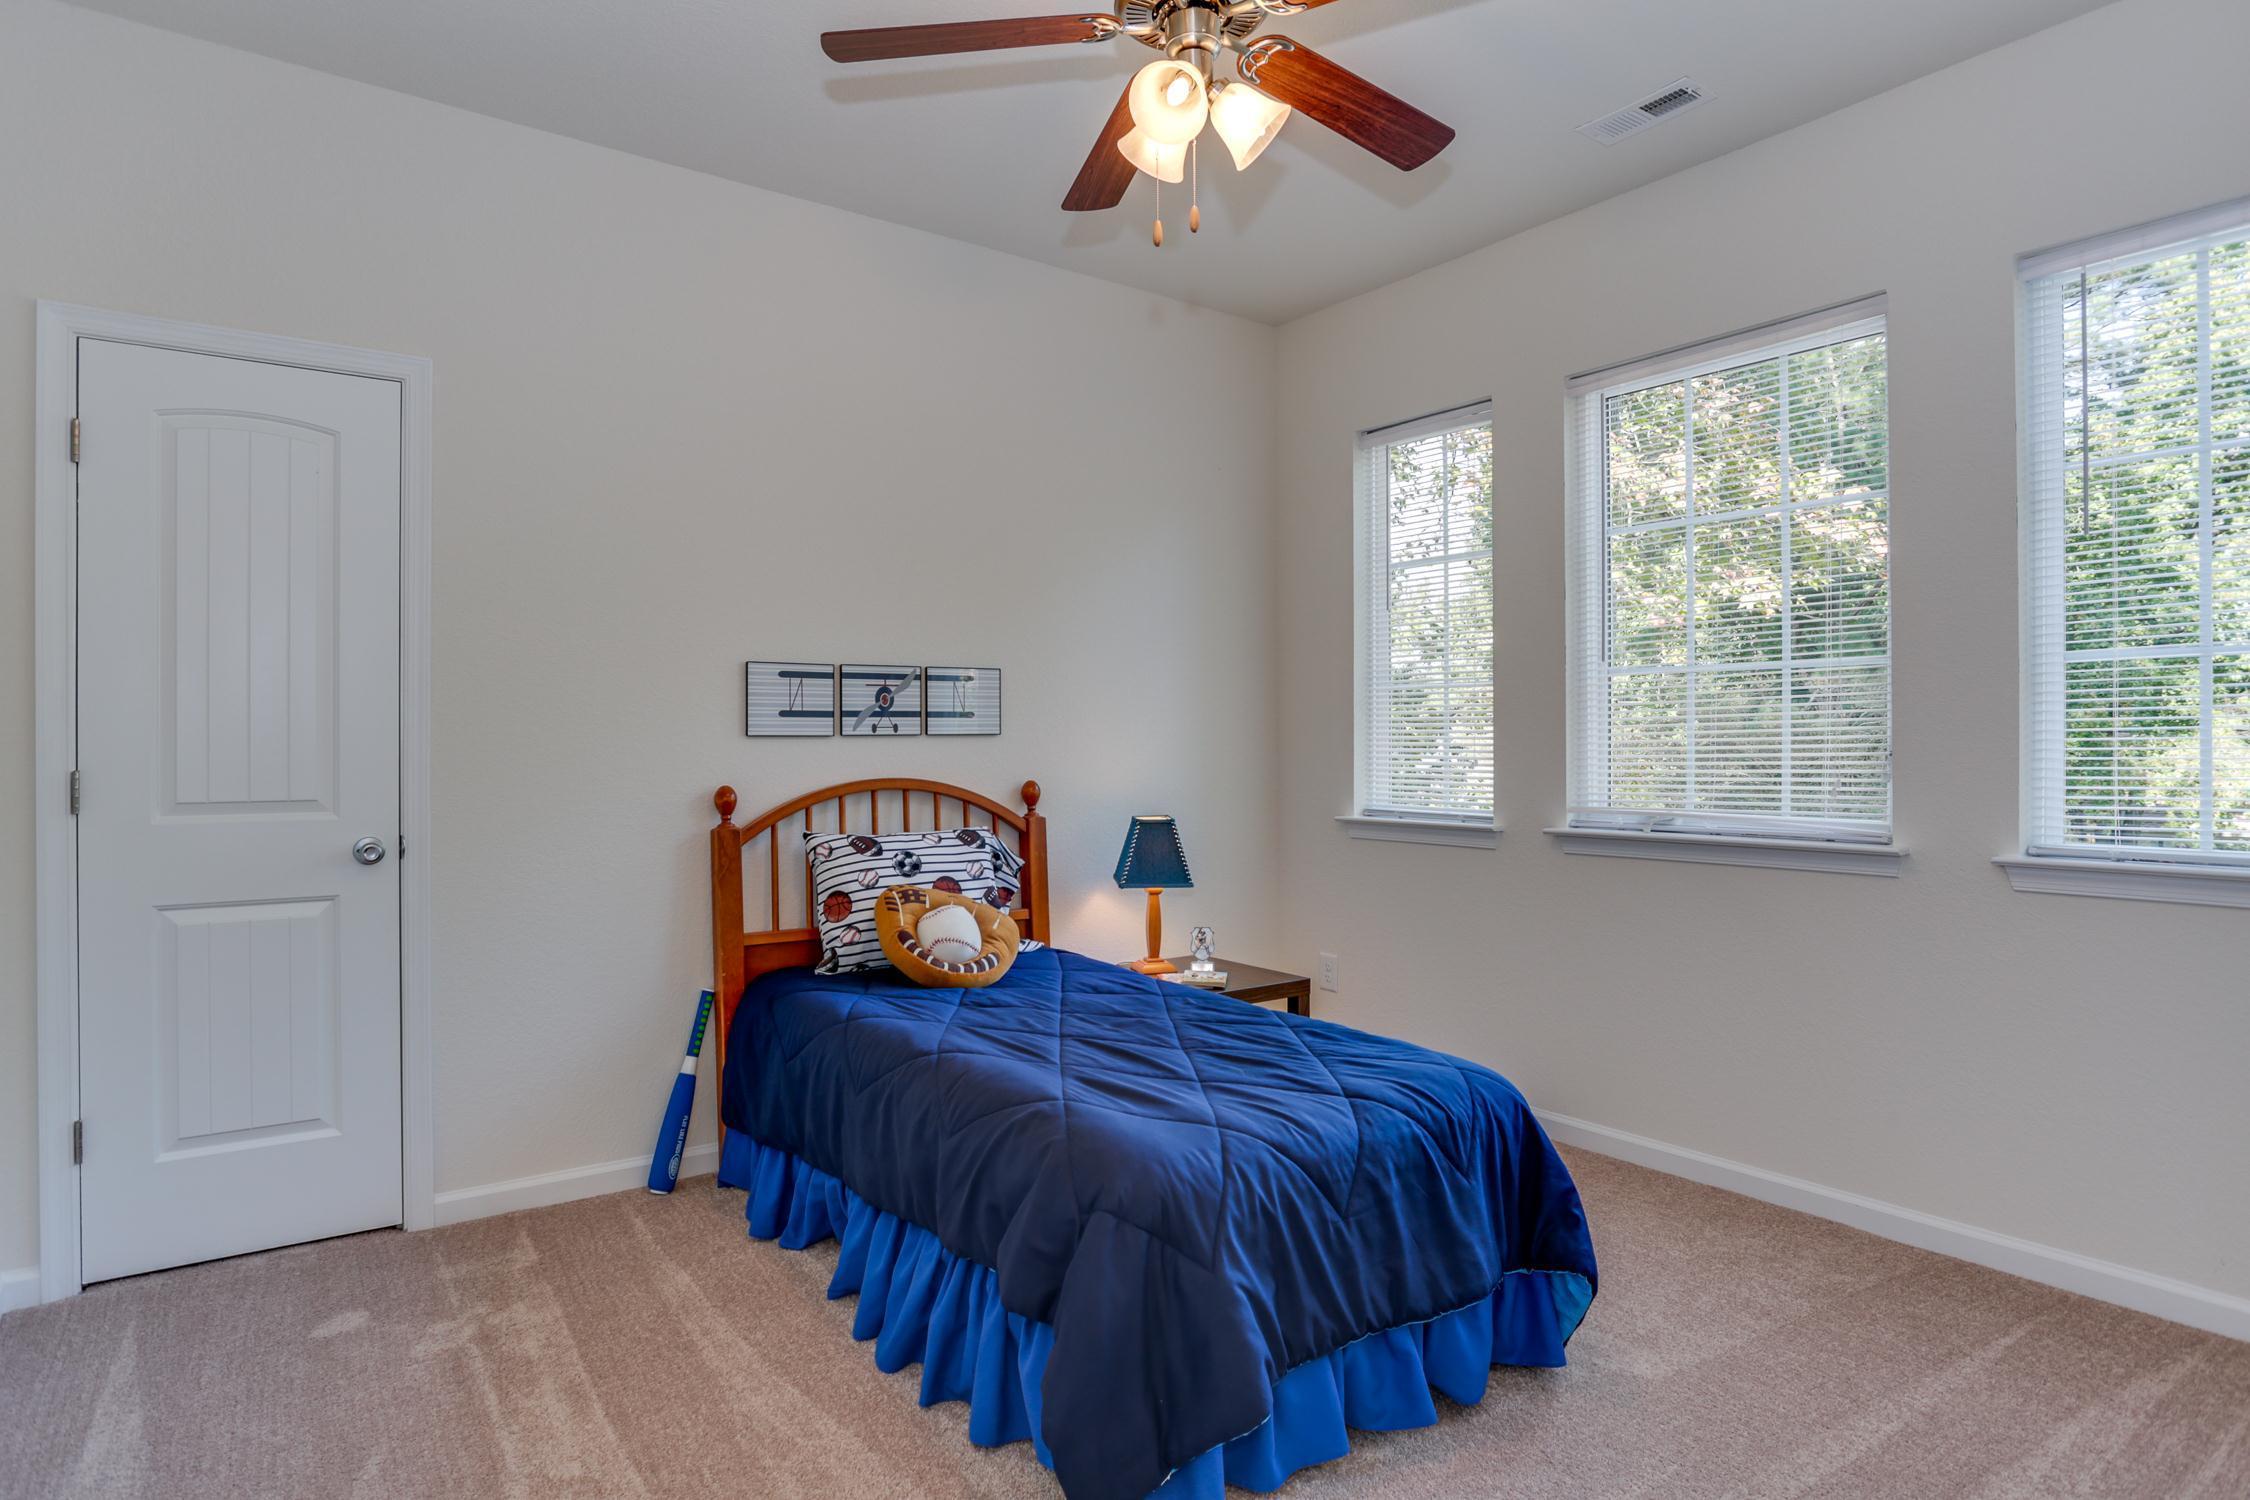 Bedroom featured in the Birch  By Wetherington Homes in Norfolk-Newport News, VA